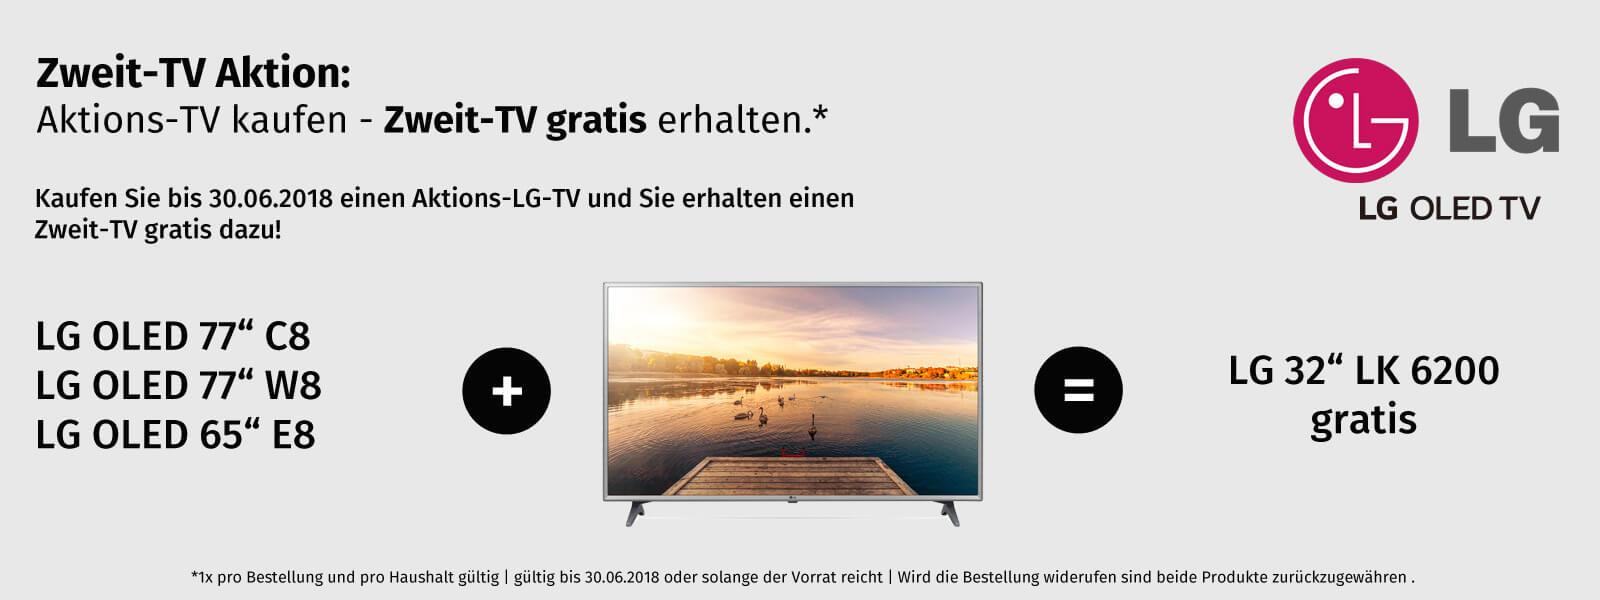 hifiboehm Zweit-TV Aktion